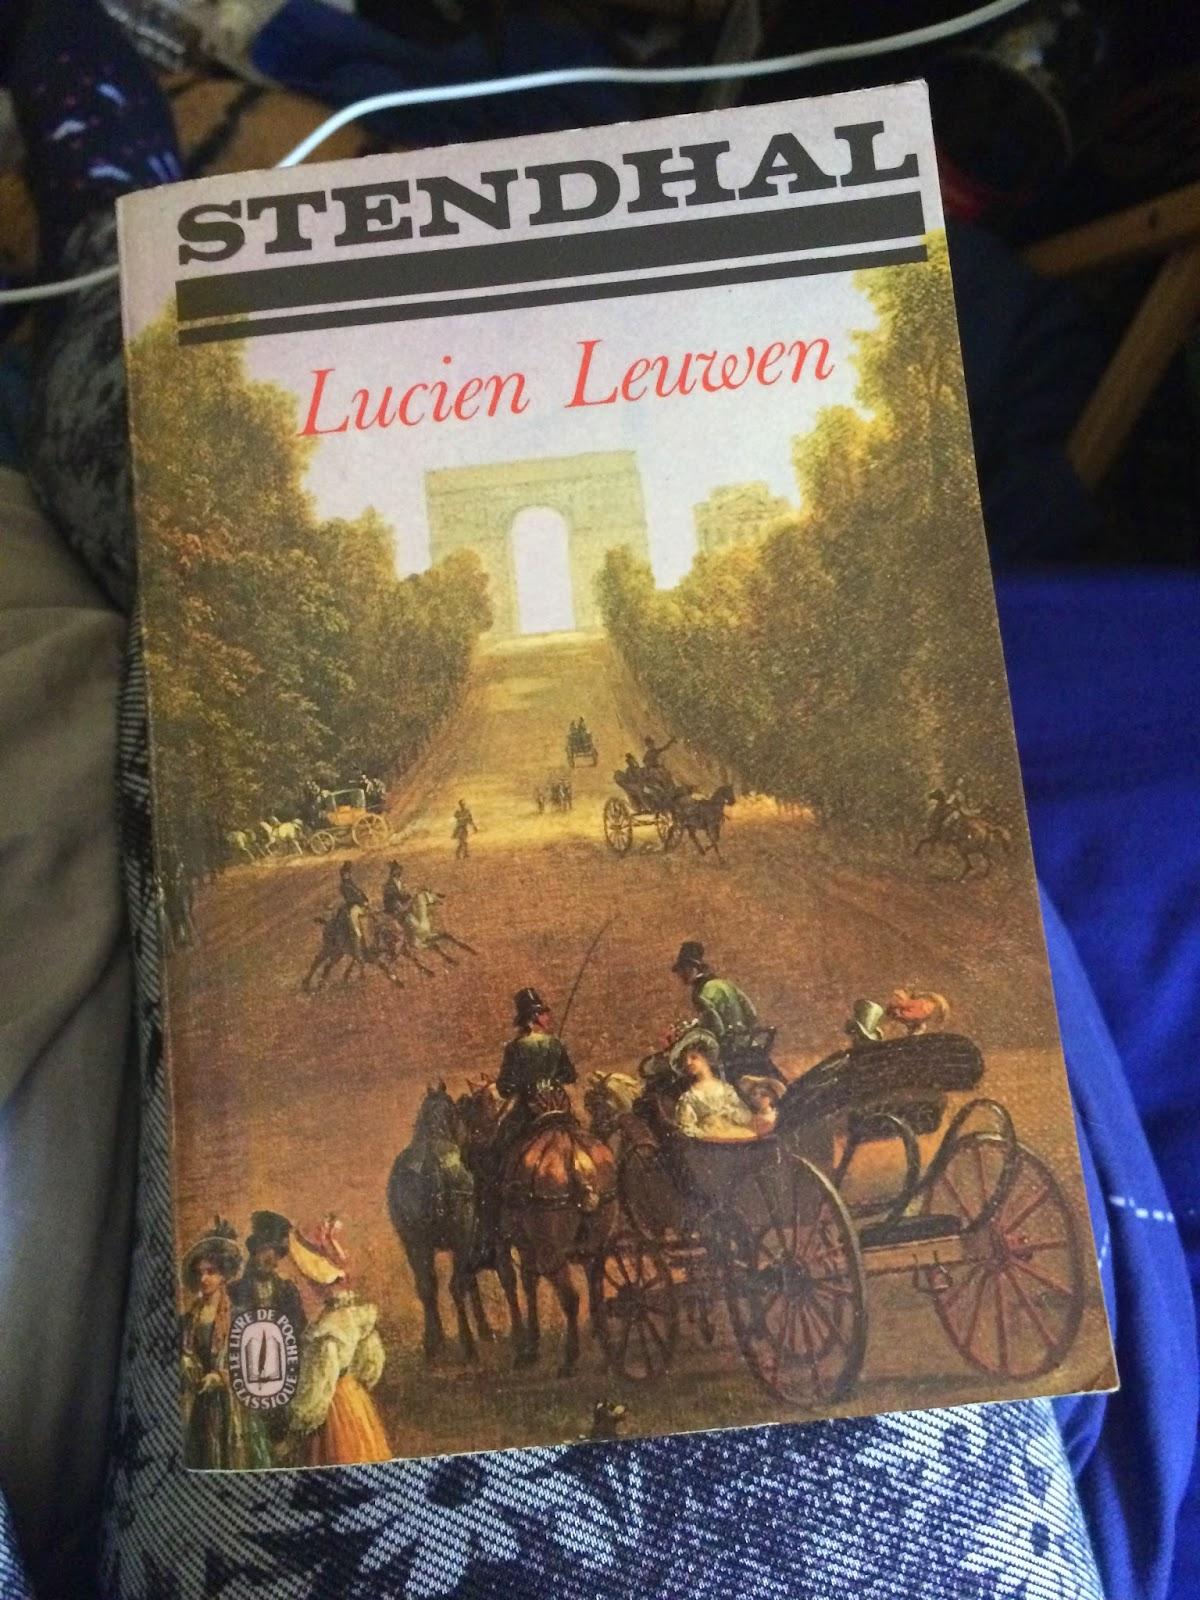 Lucien Leuwen by Stendhal